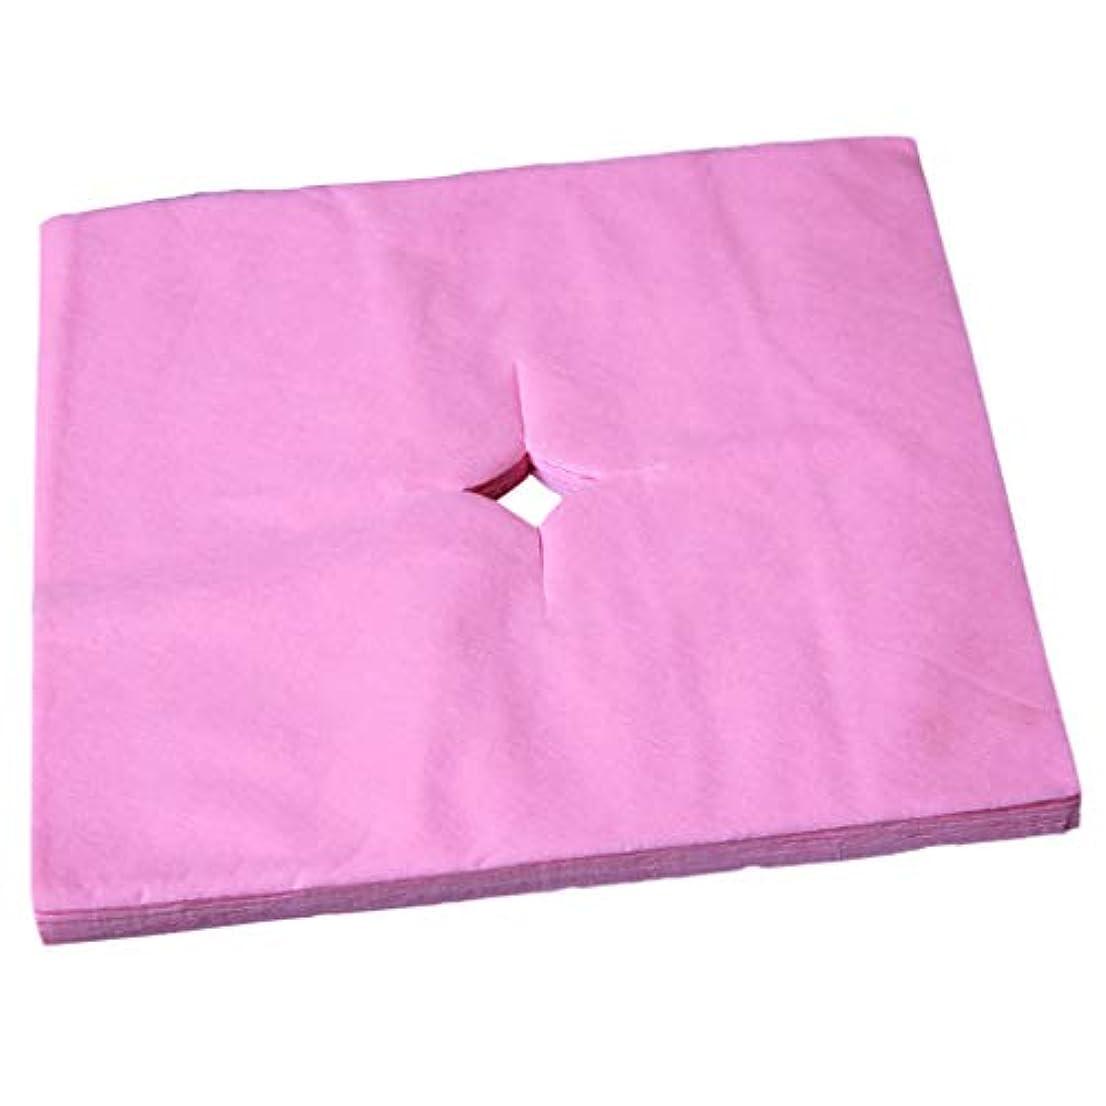 社交的好ましい各フェイスクレードルカバー マッサージフェイスカバー マッサージサロン 使い捨て 寝具カバー 全3色 - ピンク